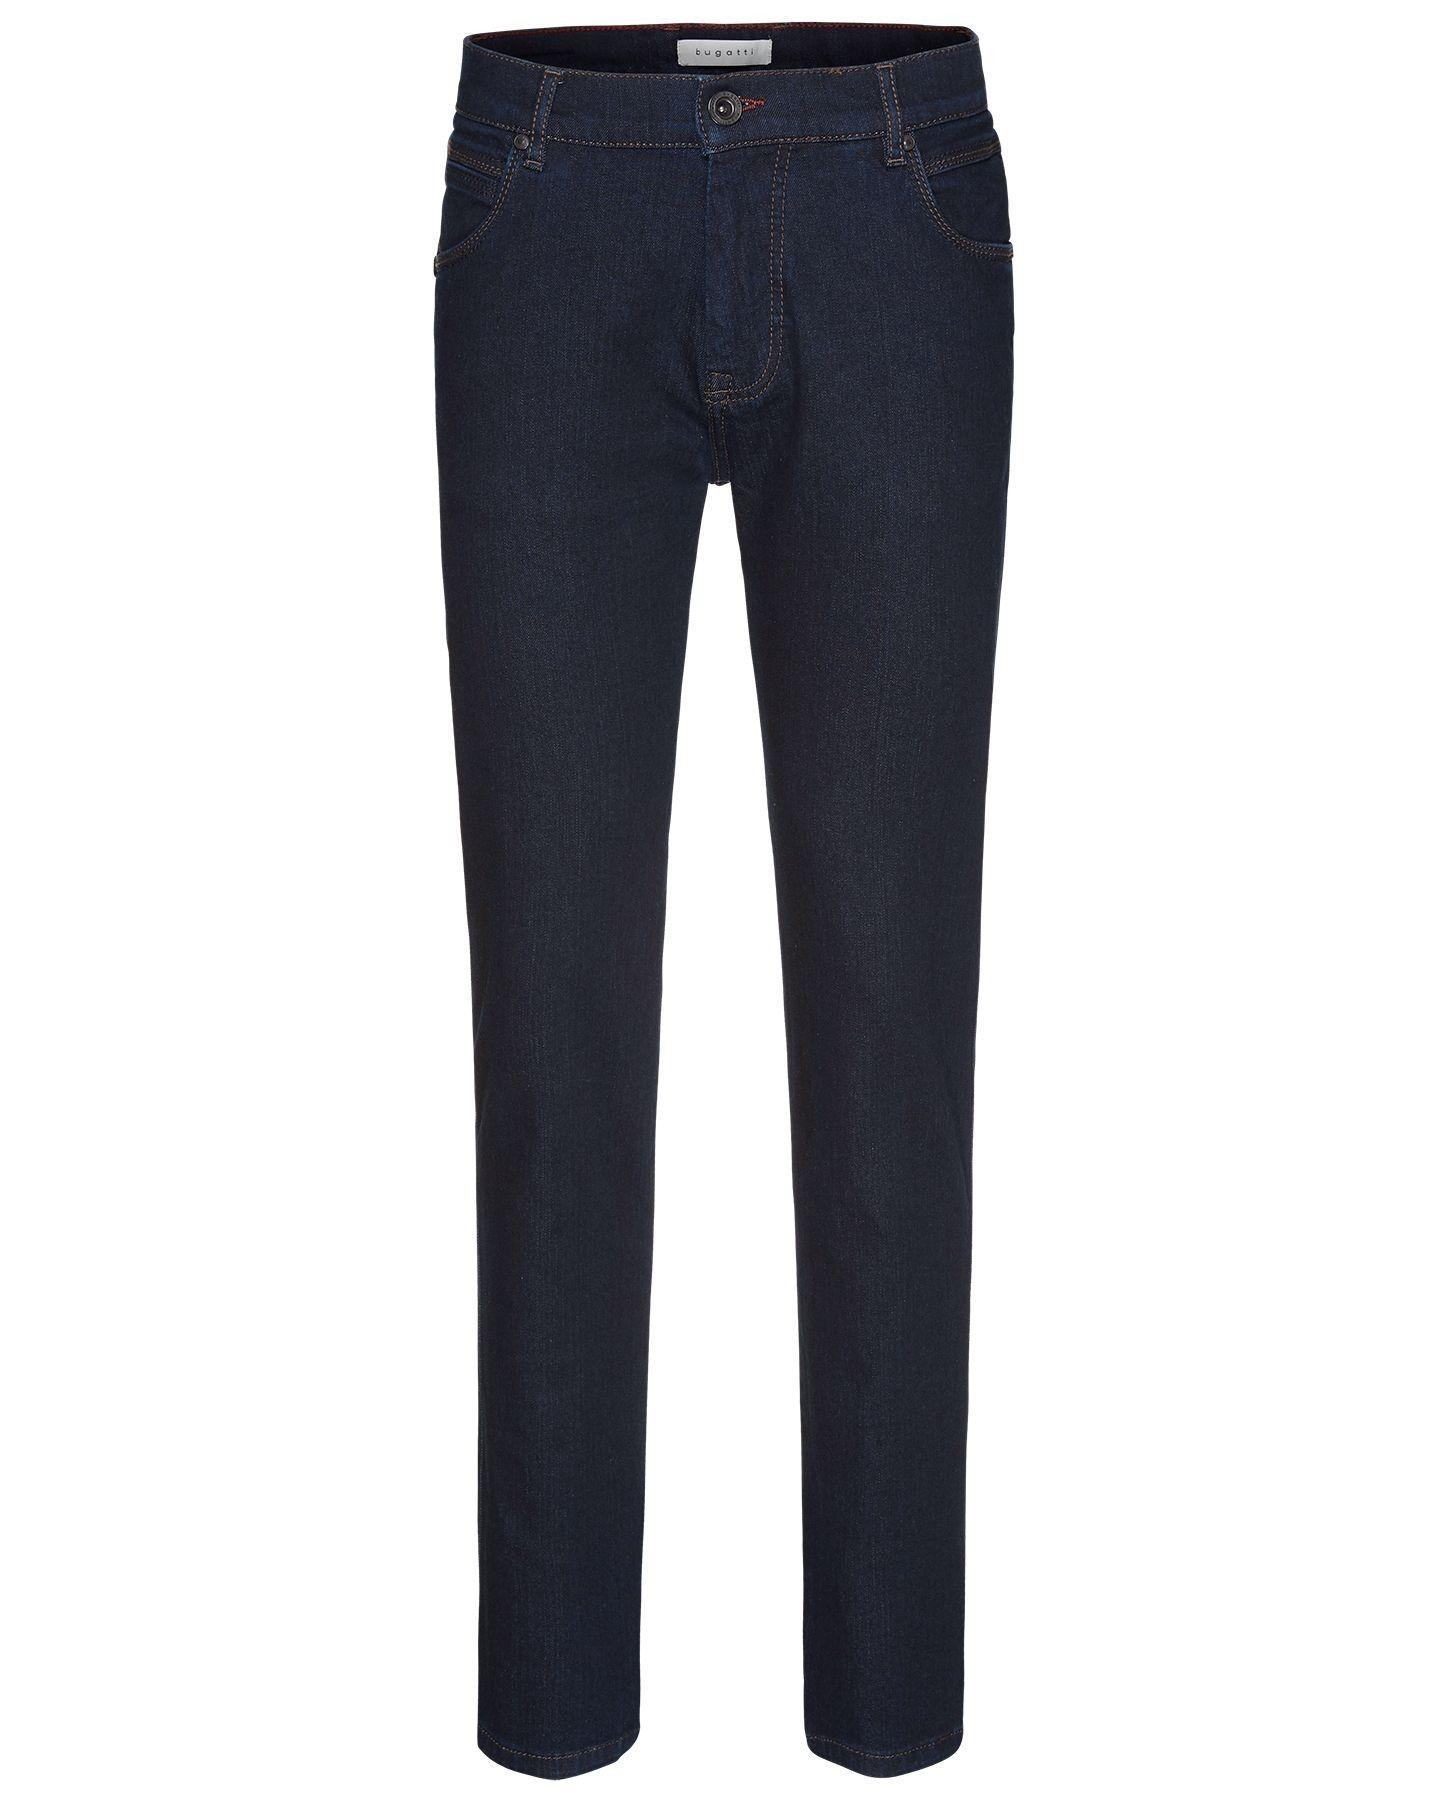 Bugatti - Herren Jeans Five Pocket-Hose hochelastisch (Art. Nr.: 3038D-76683) – Bild 1